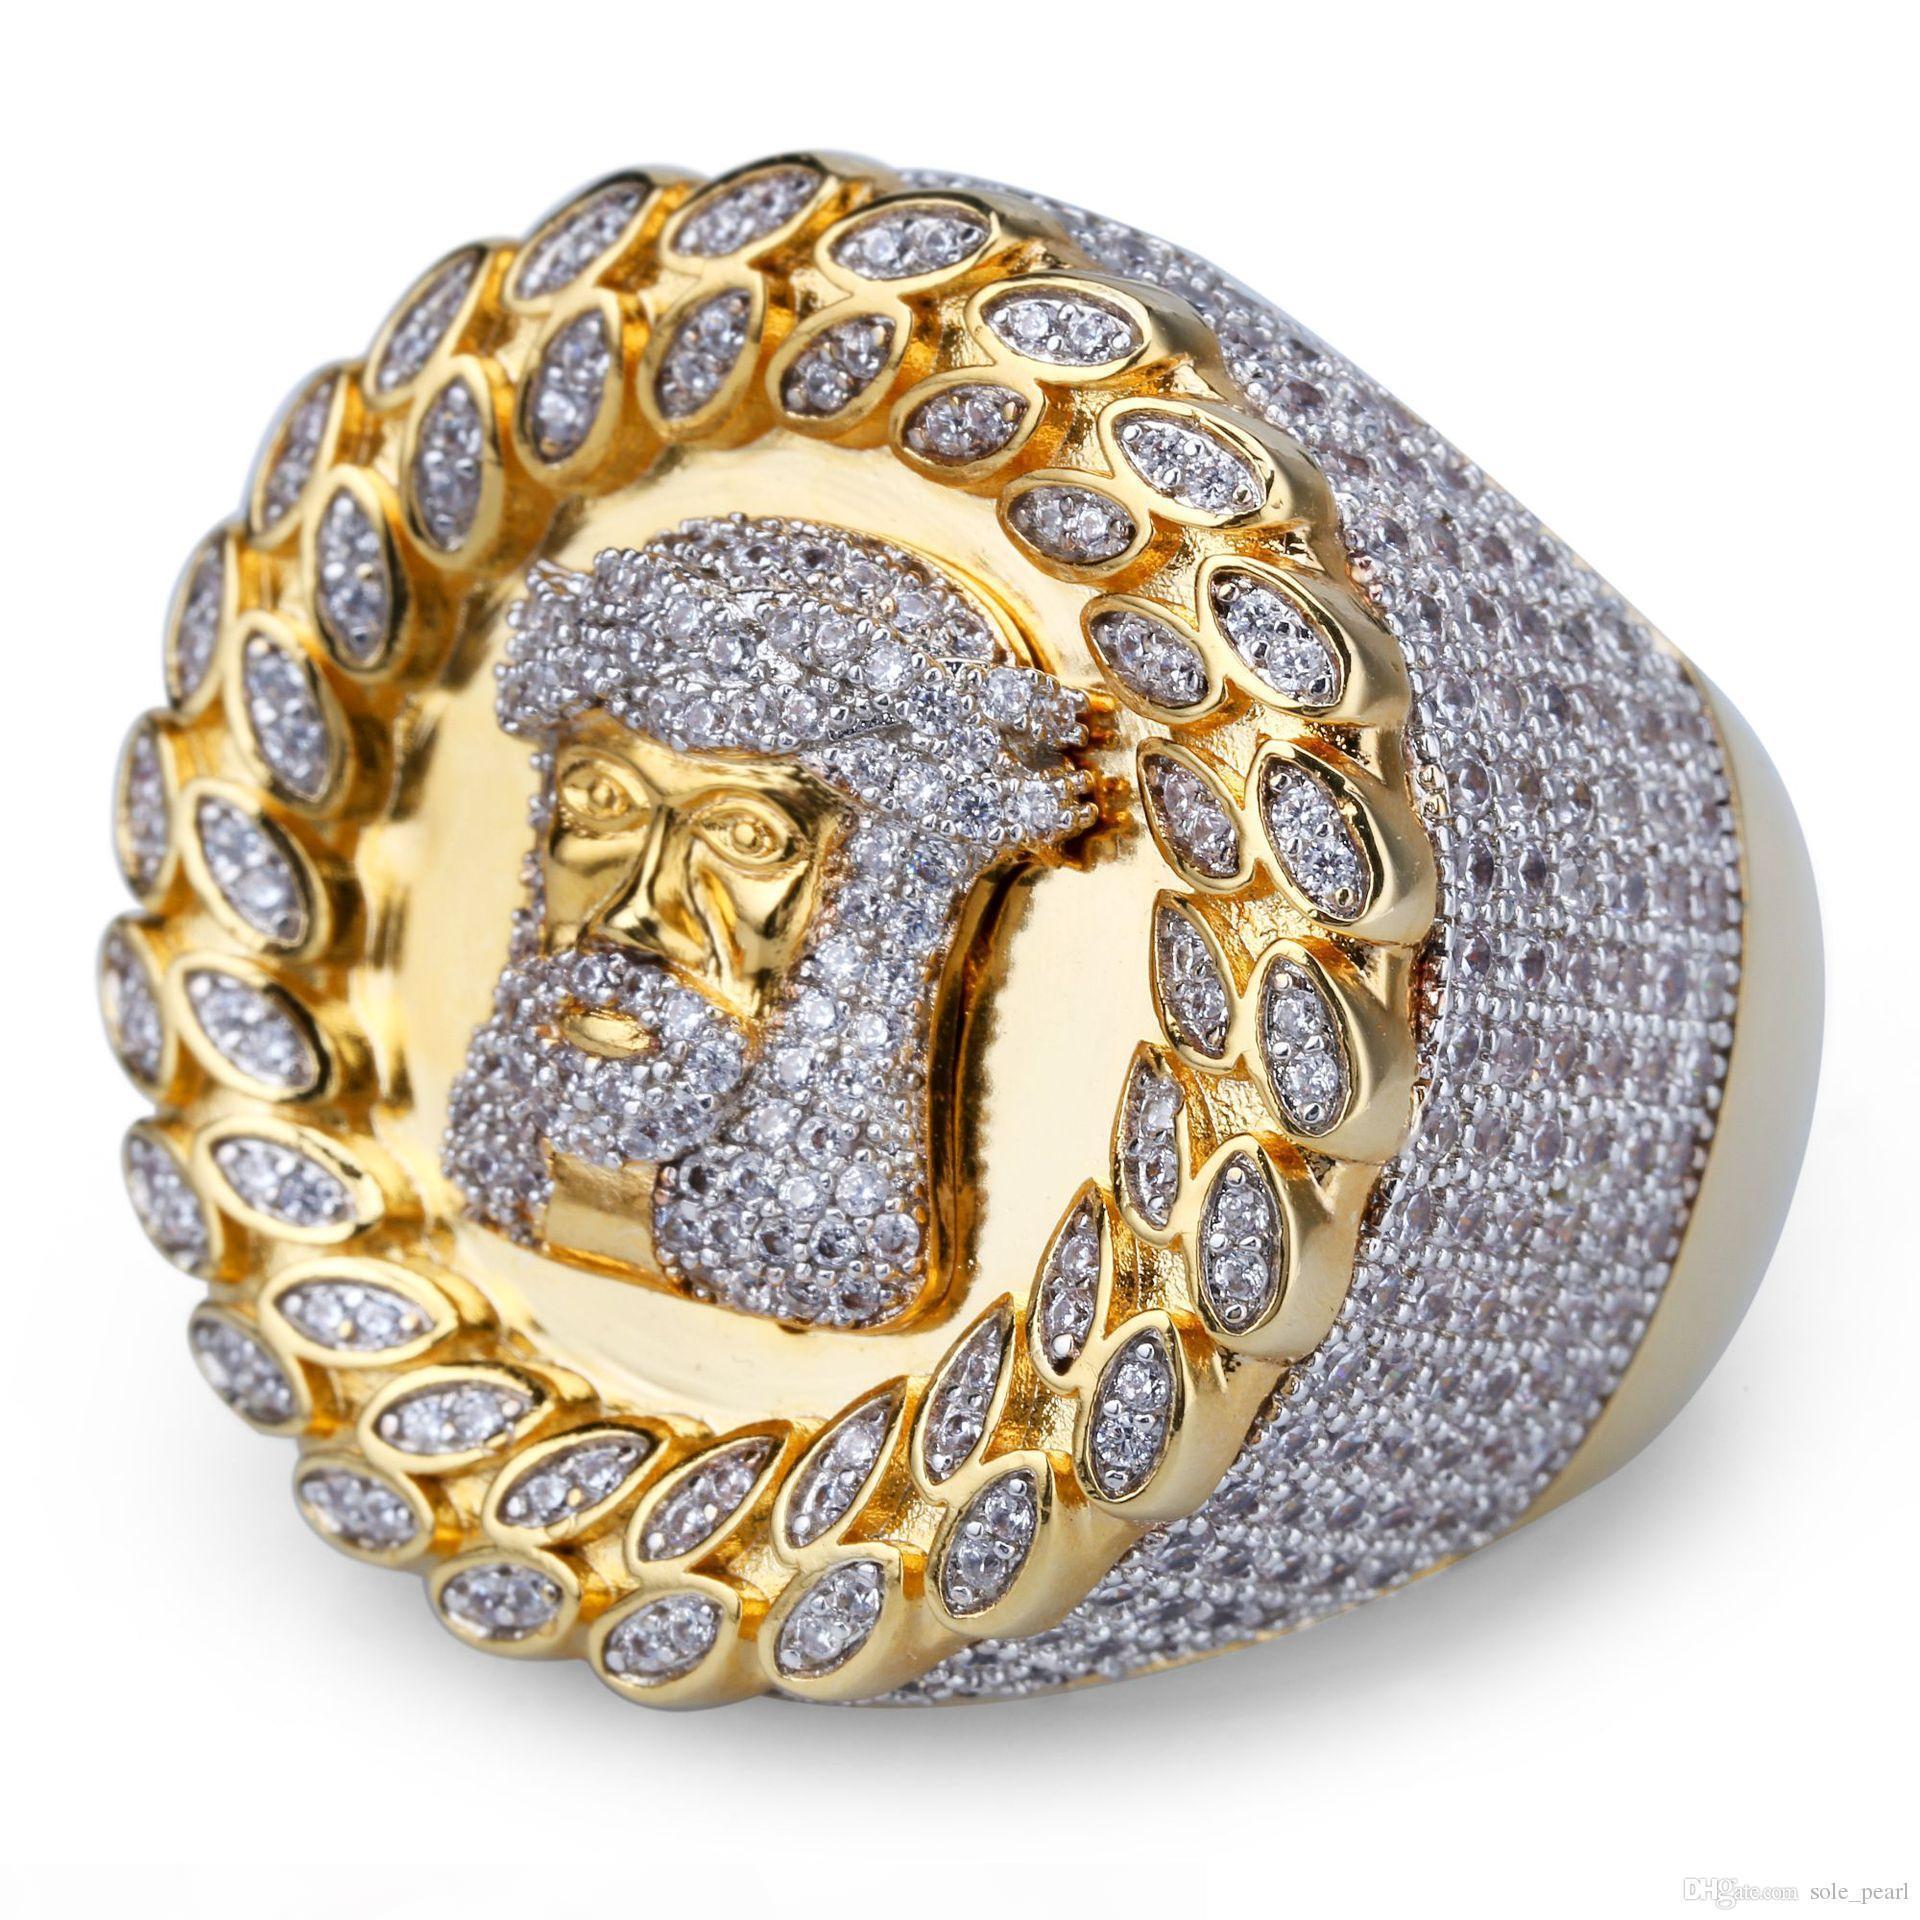 Herrenring Vintage Hip Hop Schmuck großen Rubin Zircon Kupfer-Ring Hochwertige Luxus für Liebhaber Modeschmuck Großhandel 2018 gefror heraus